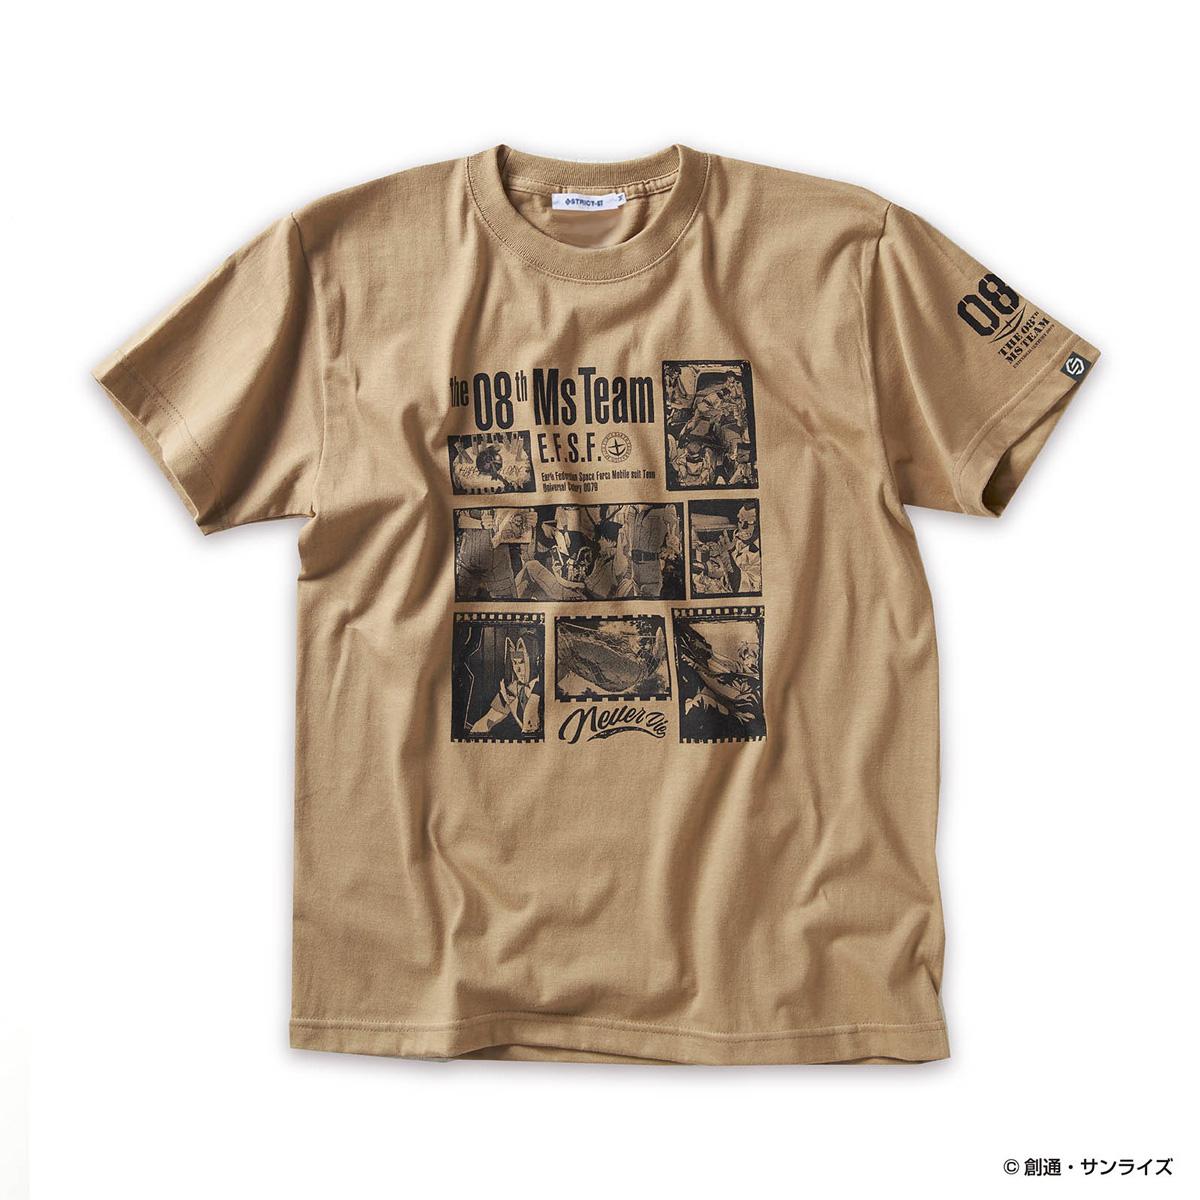 『機動戦士ガンダム 第08MS小隊』カプセルコレクション発売!